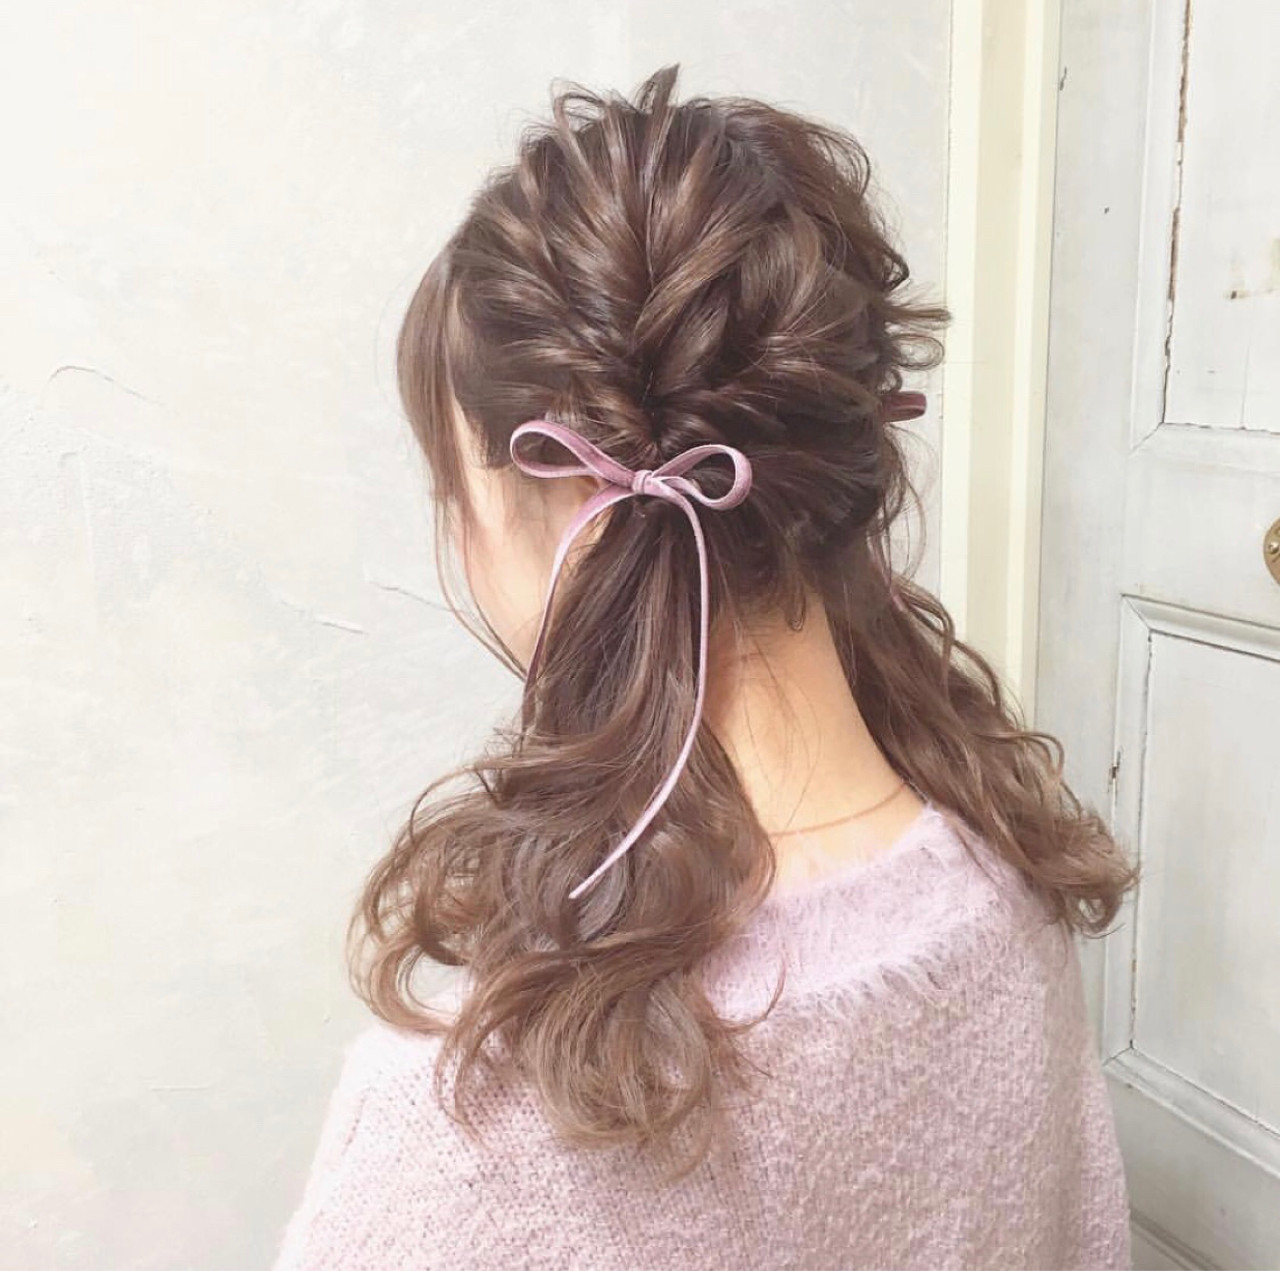 夏が来た!!夏フェス参加者必見♡おすすめ髪型8選の13枚目の画像